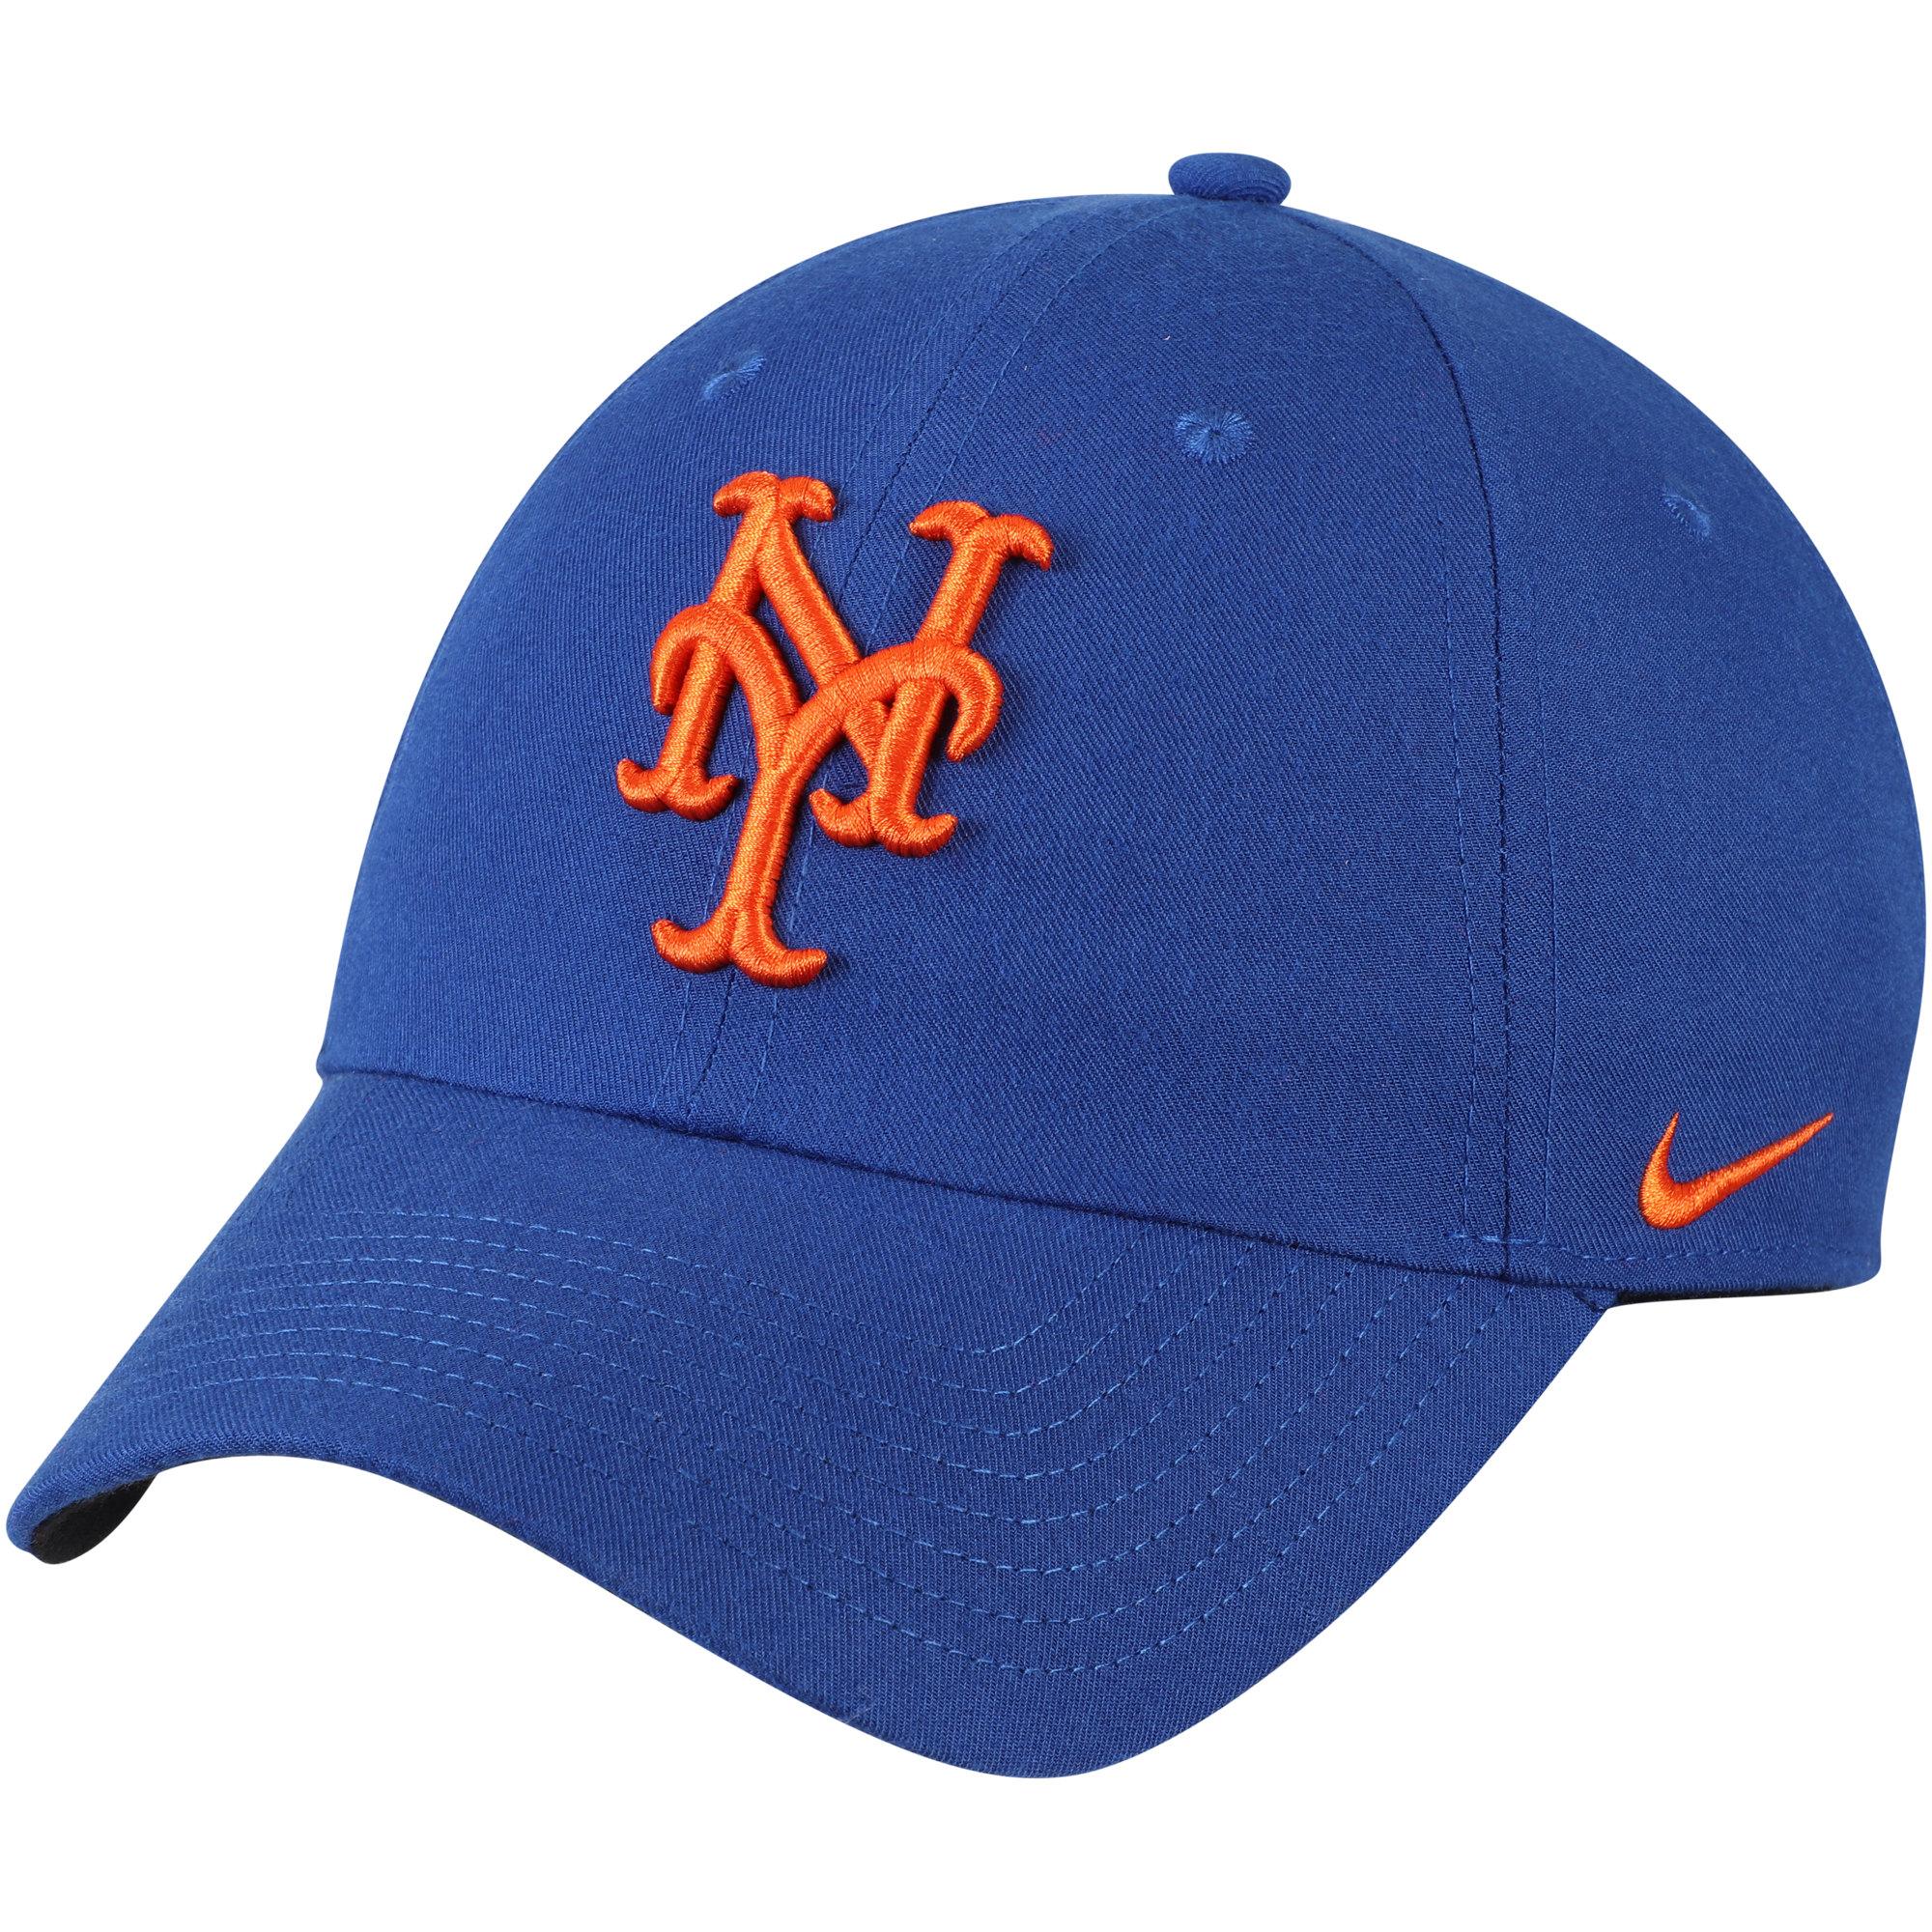 New York Mets Nike Heritage 86 Stadium Performance Adjustable Hat - Royal - OSFA